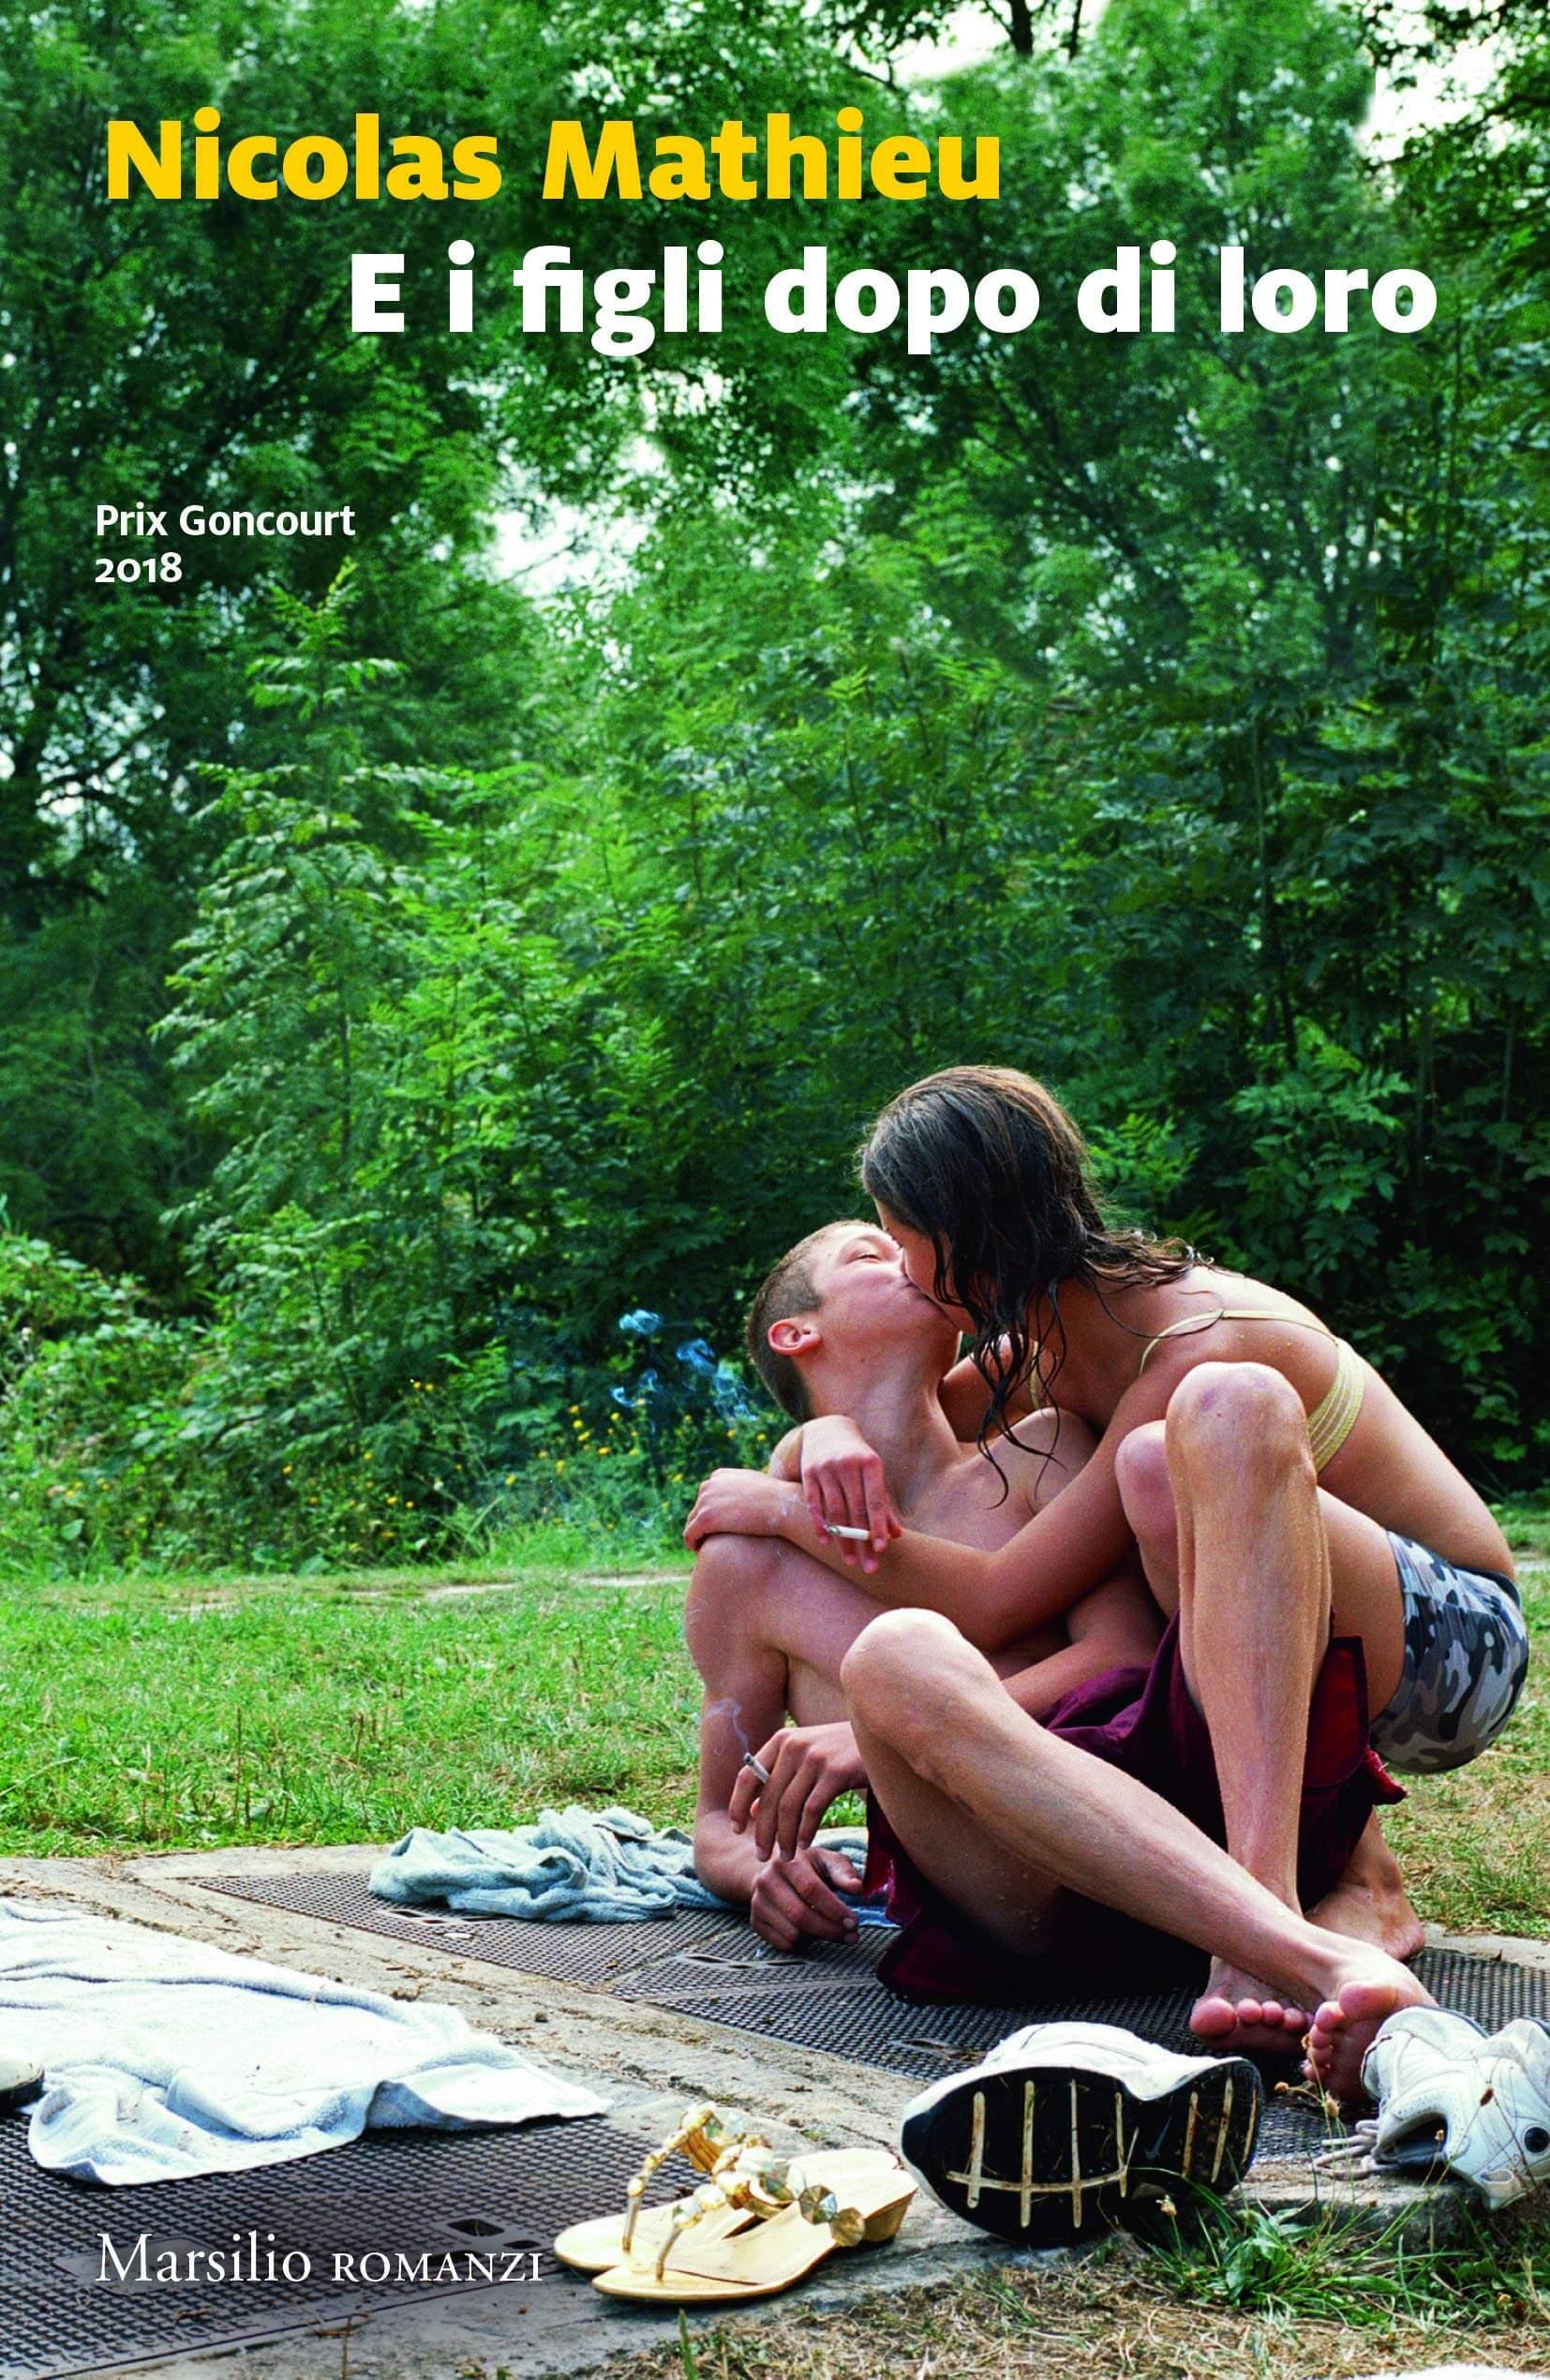 Libri Agosto 2019 - E i figli dopo di loro di Nicolas Mathieu - Marsilio